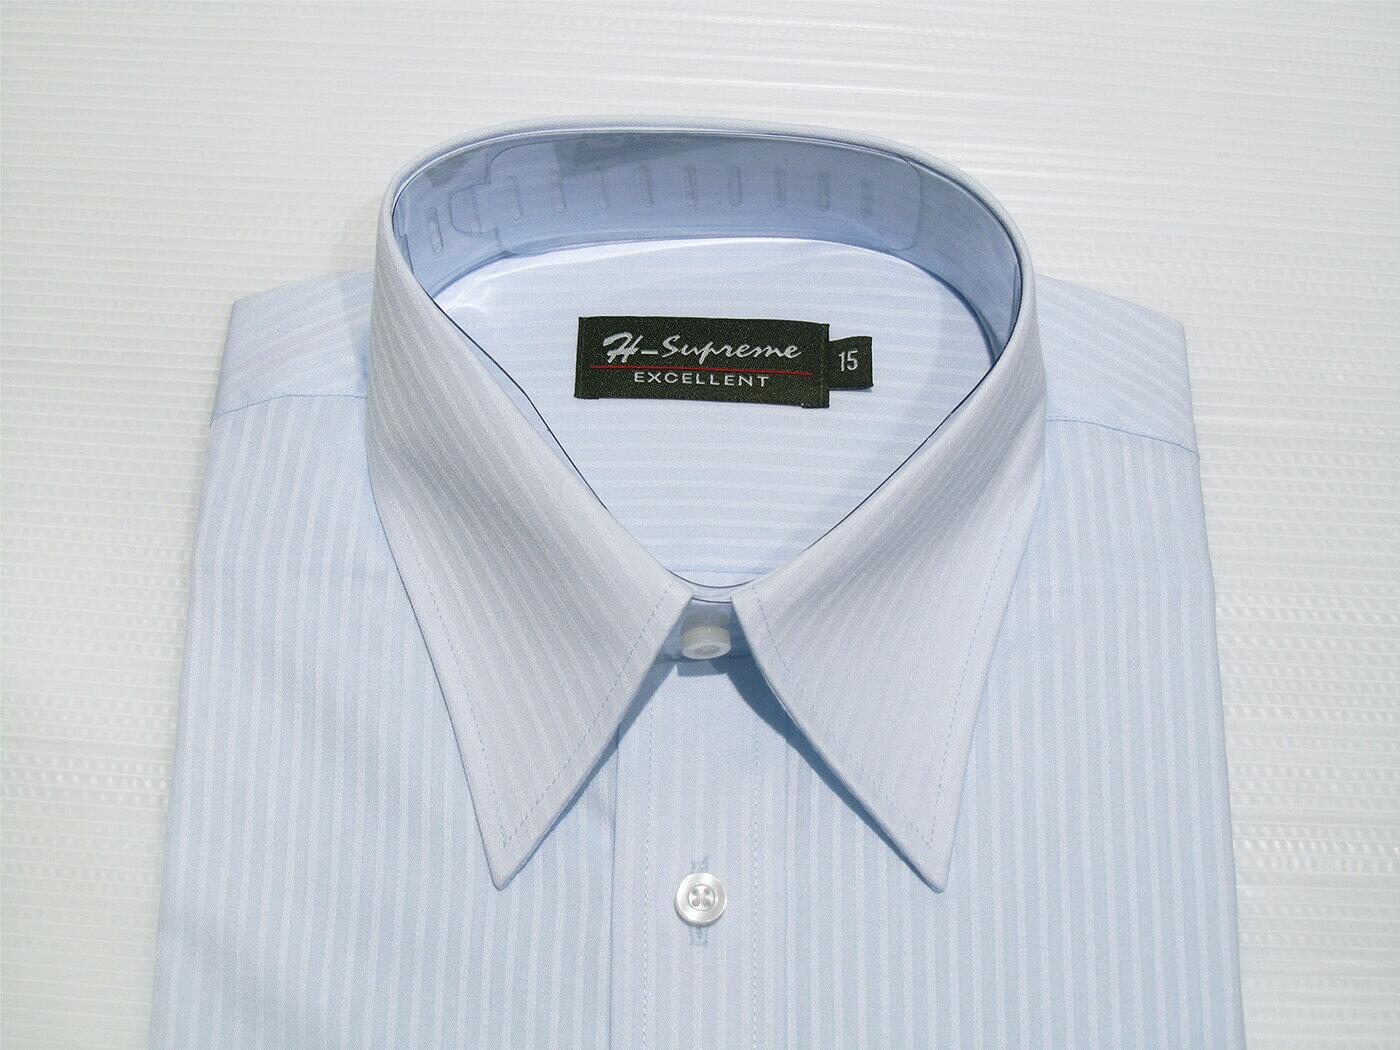 腰身剪裁正式襯衫 直條紋襯衫 舒適標準襯衫 面試襯衫 上班族襯衫 商務襯衫 長袖襯衫 不皺免燙襯衫 (322-3794)淺藍直條紋、(322-3795)淺灰直條紋 領圍:15~18英吋 [實體店面保障] sun-e322 2